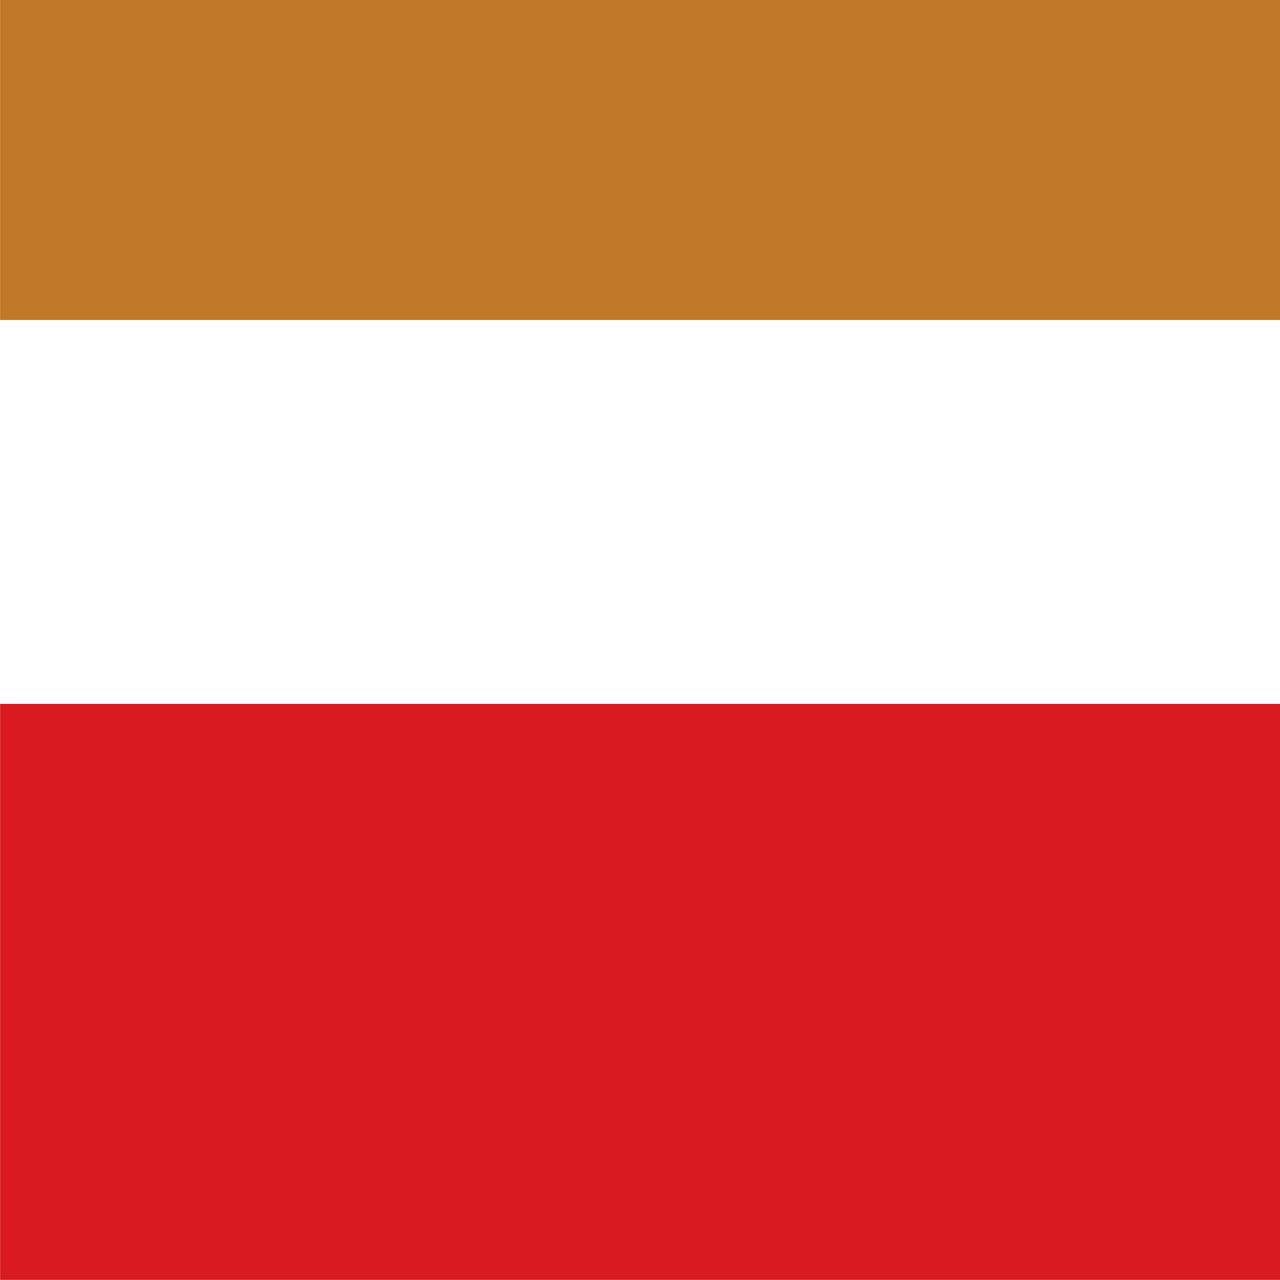 世界初の缶コーヒー『UCC ミルクコーヒー』 茶色・白色・赤色の3色の組み合わせが 「色彩のみからなる商標」に!【UCC上島珈琲】